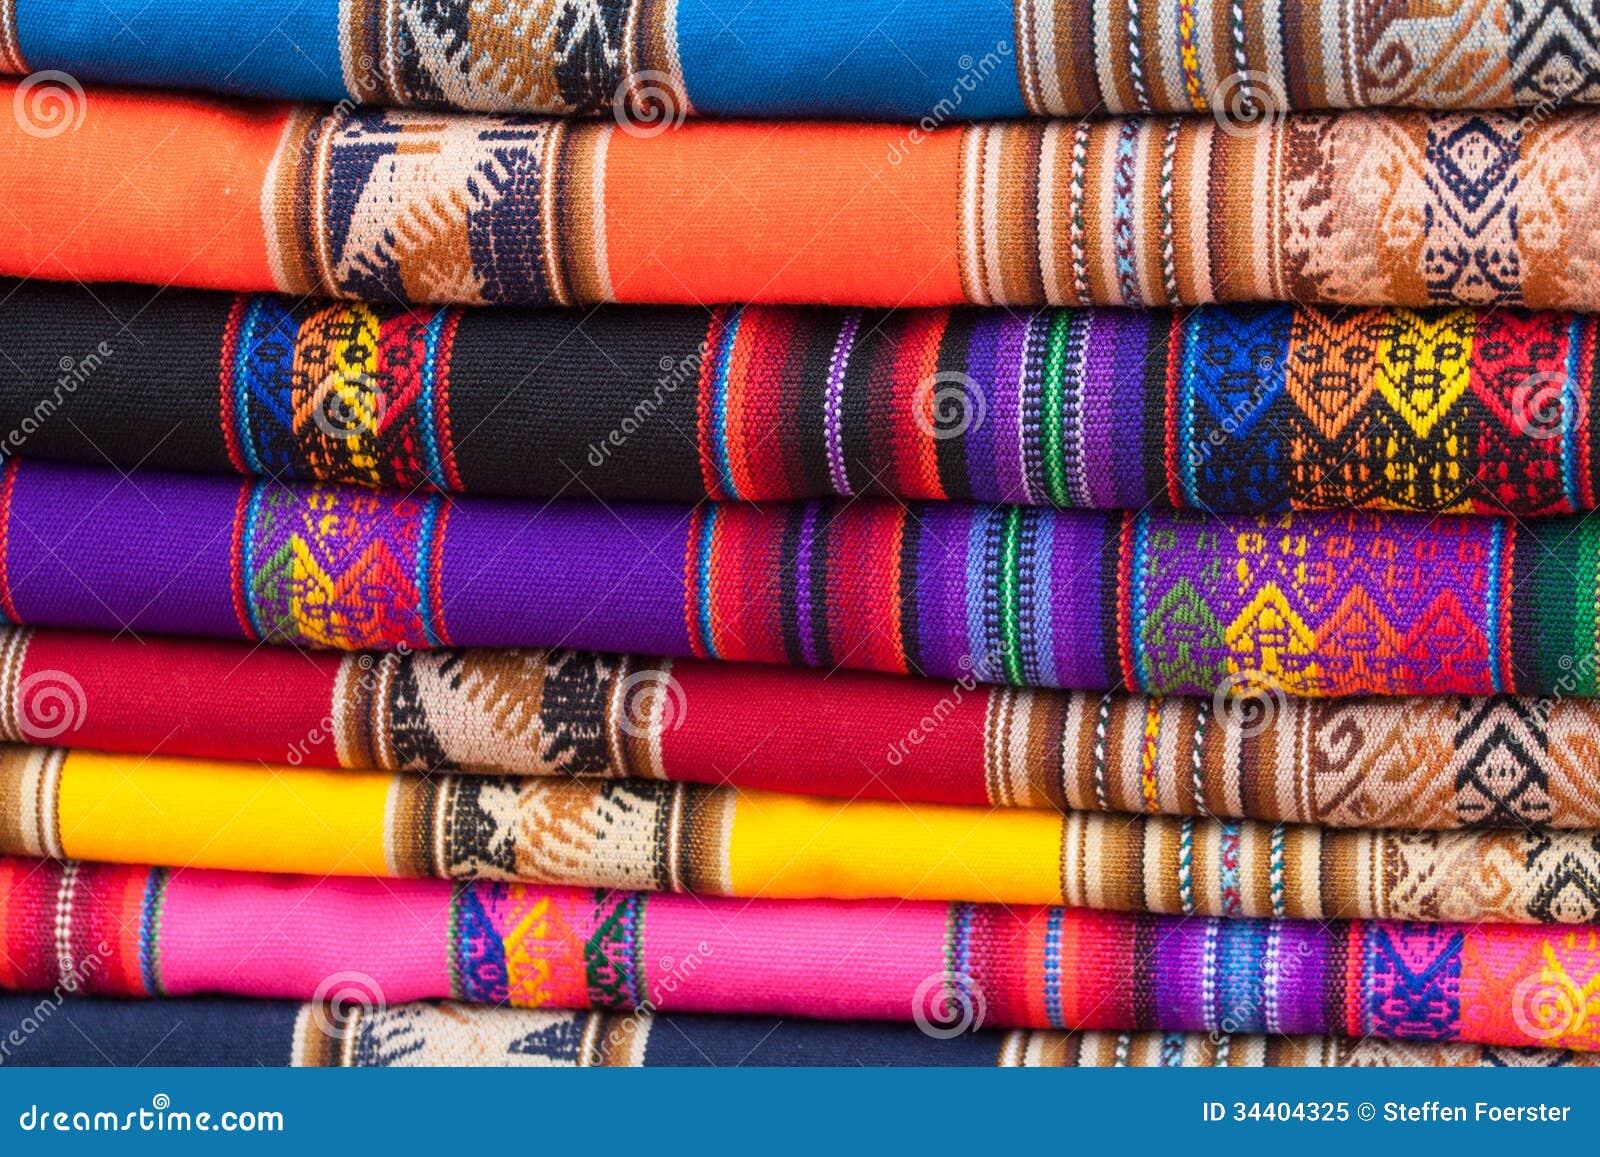 Tissus color s photo libre de droits image 34404325 - Tissus bohemes colores ...